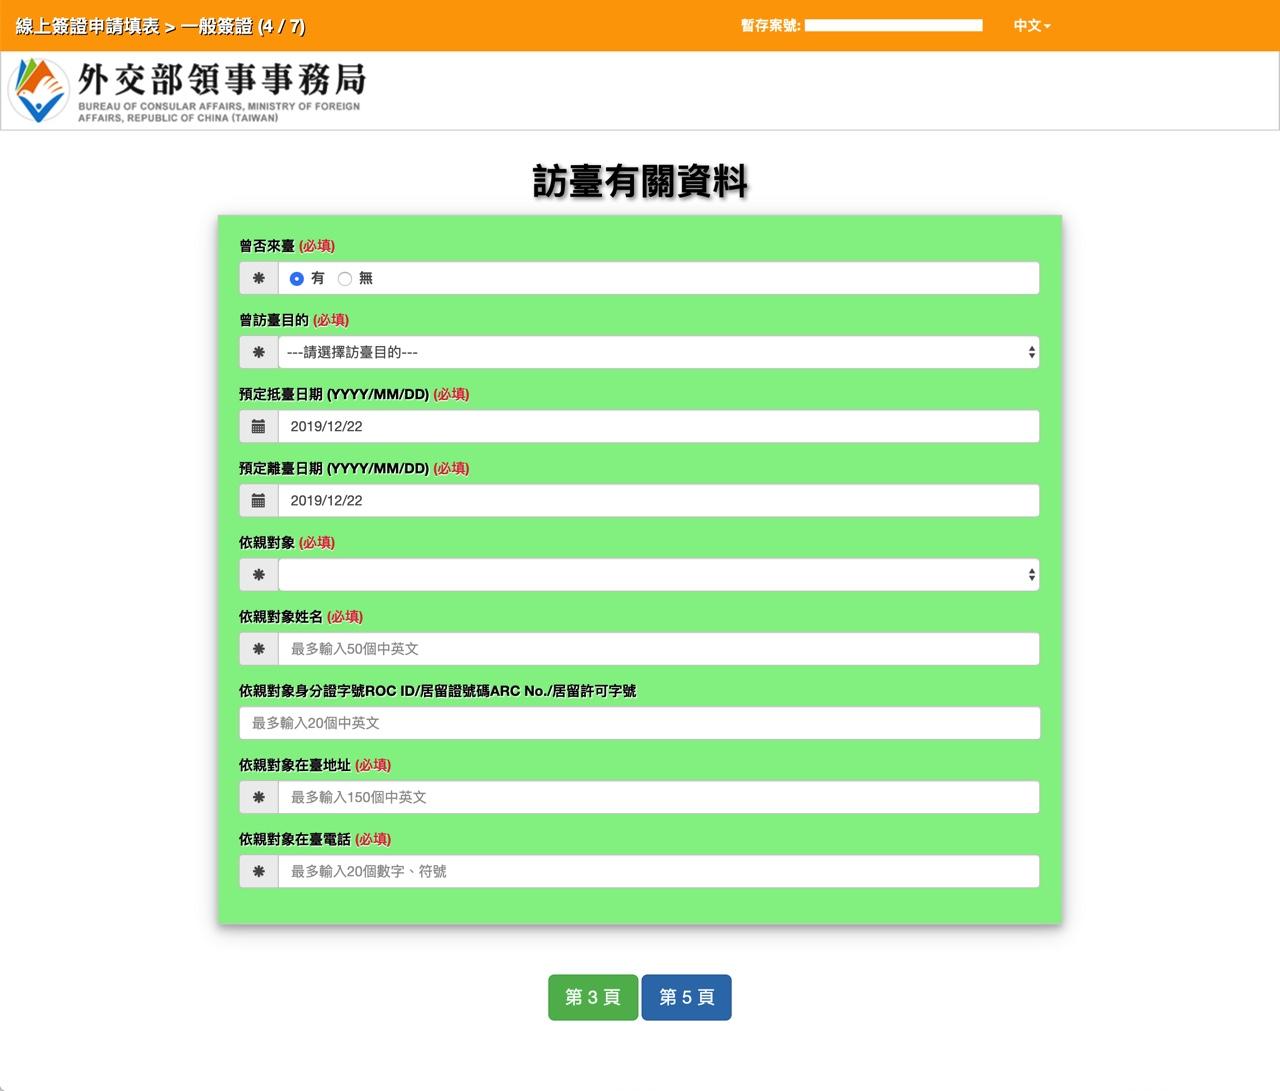 オンラインビザ申請フォーム07